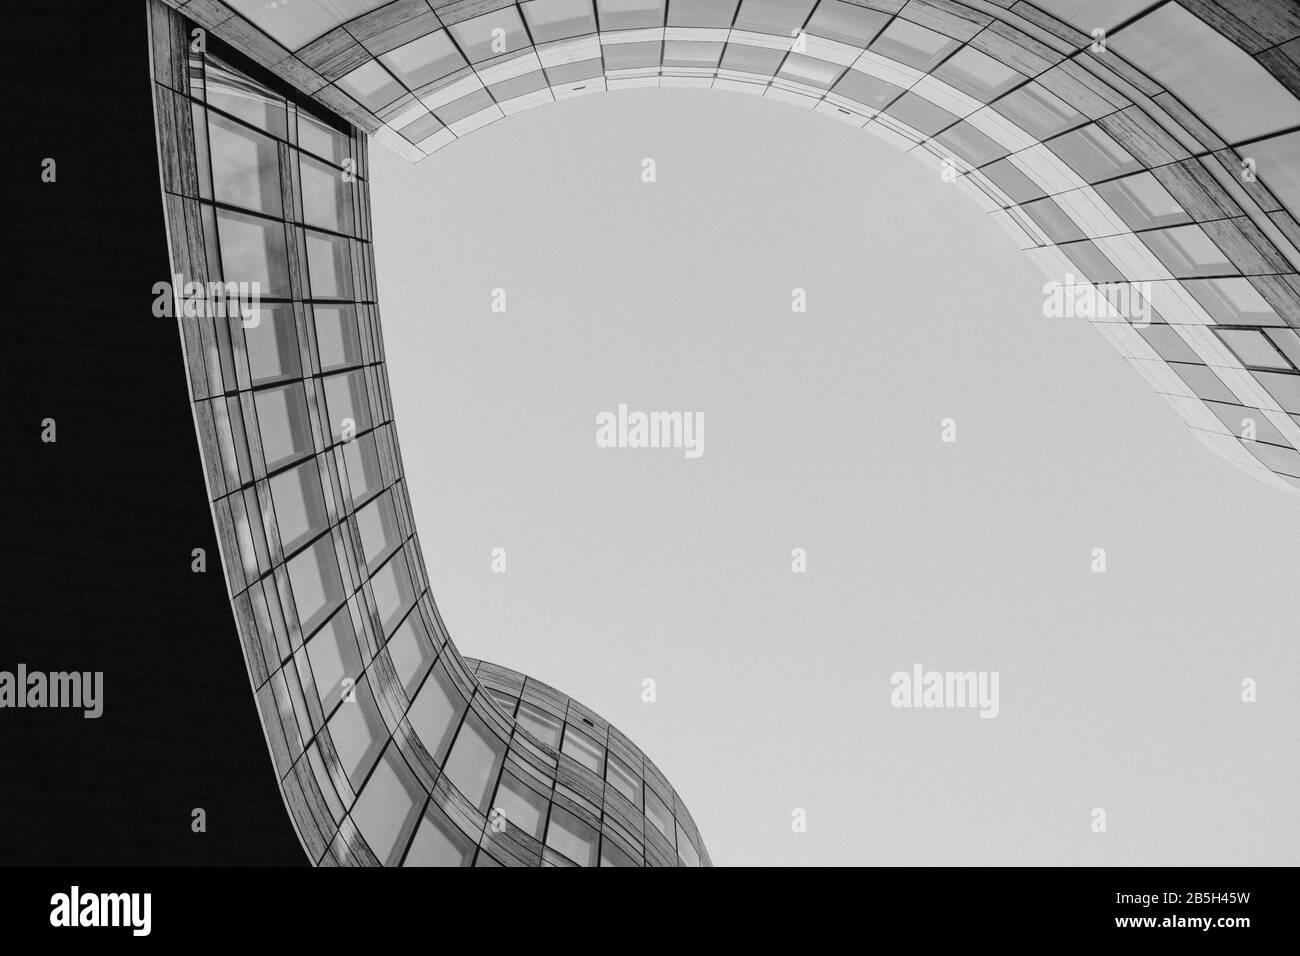 Vista ad angolo basso in plaza tra l'edificio di Kö-Bogen con forma a profilo libero da curvatura. Facciata esterna astratta in bianco e nero. Foto Stock